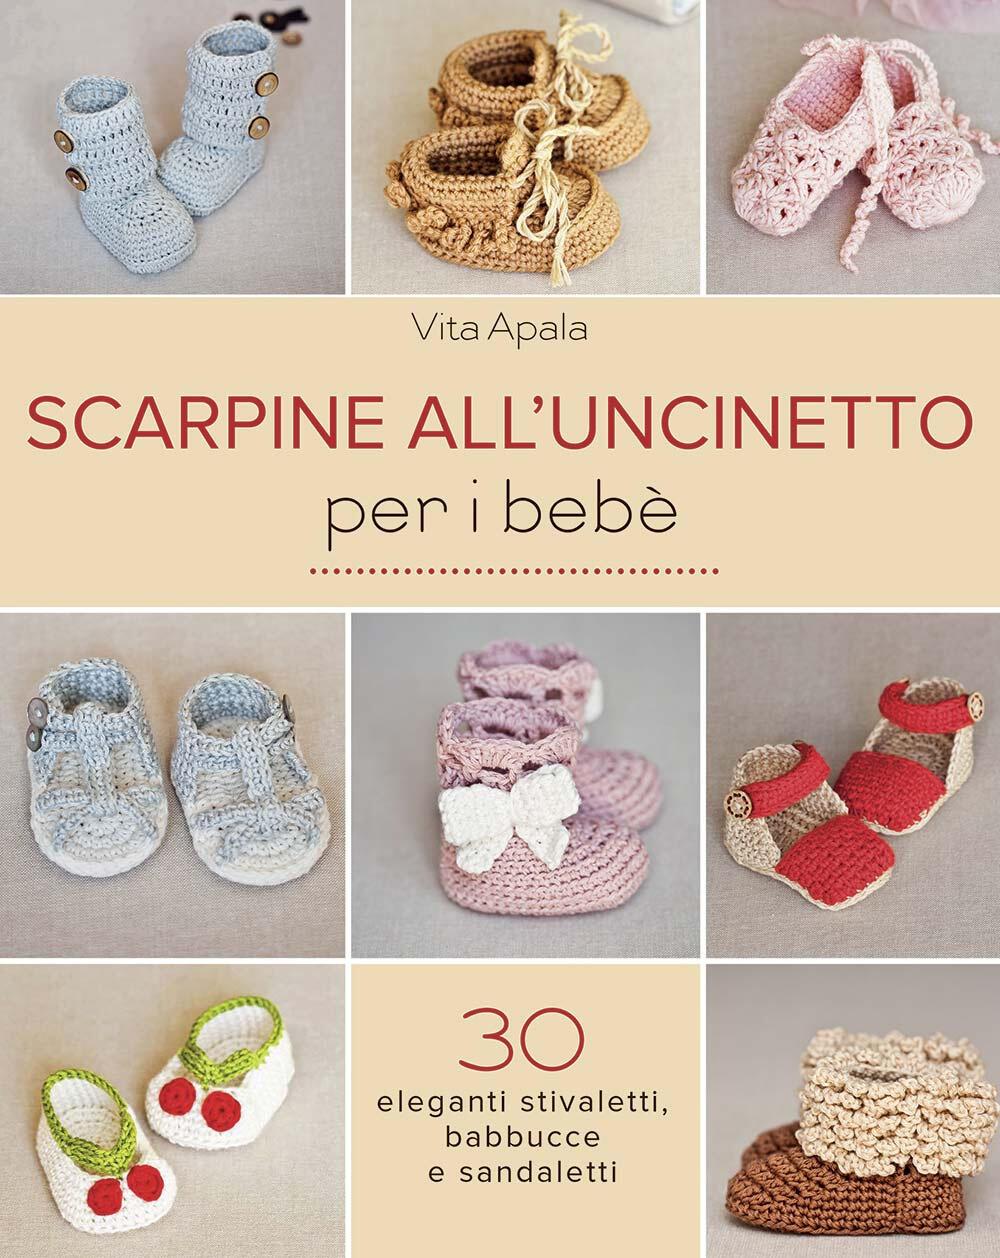 Scarpine Alluncinetto Per I Bebè Pdfepubmobi Scarica In Italiano